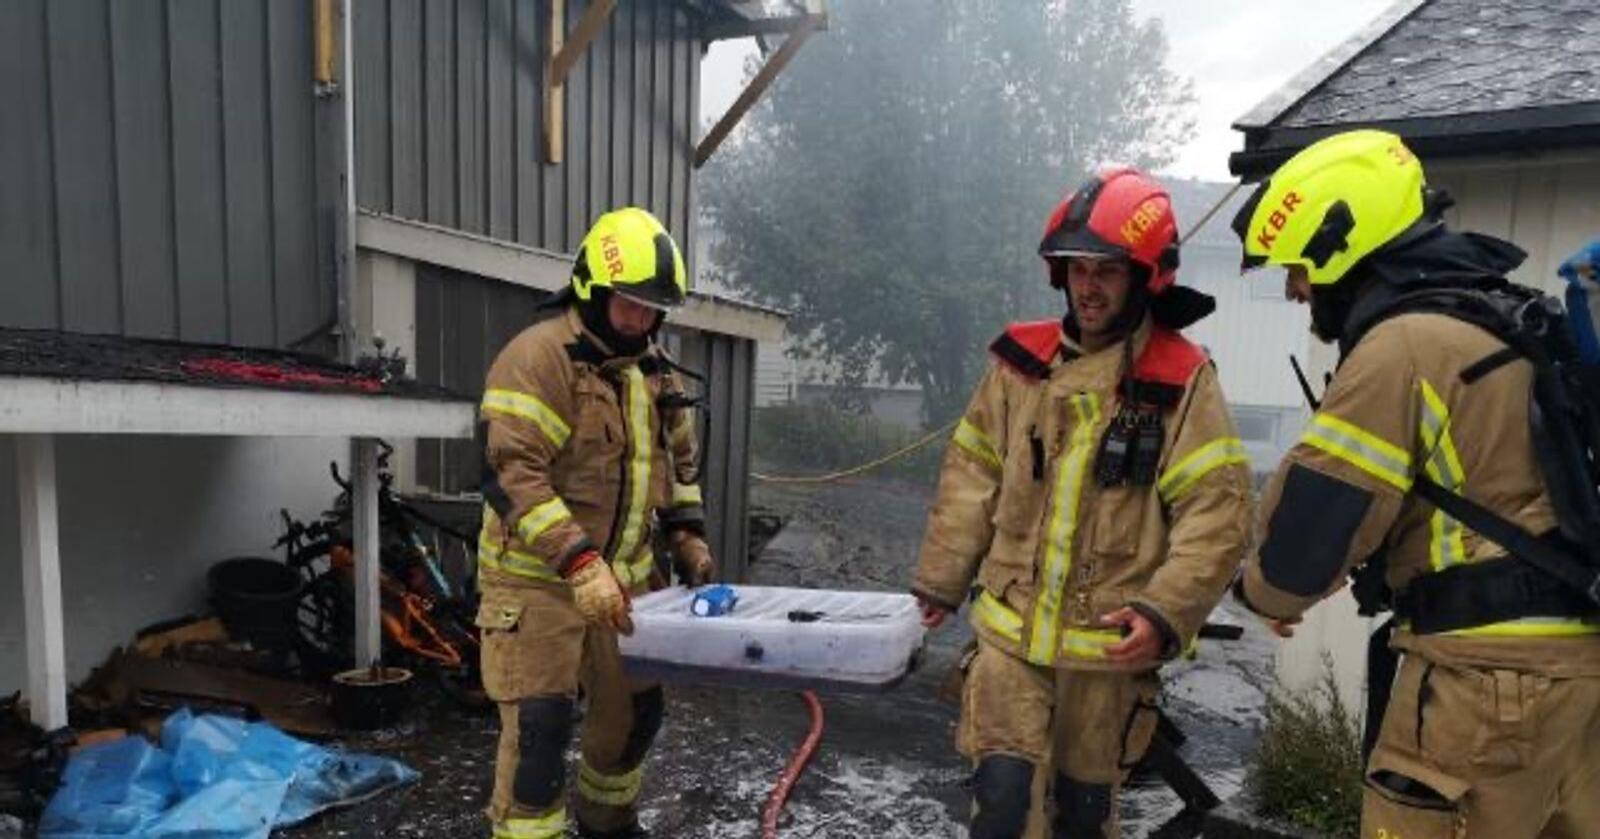 Brannvesenet i Kvinnherad reddet mandag ettermiddag ut flere pytonslanger fra et brennende hus. Foto: Kvinnherad brann og redning / NTB scanpix